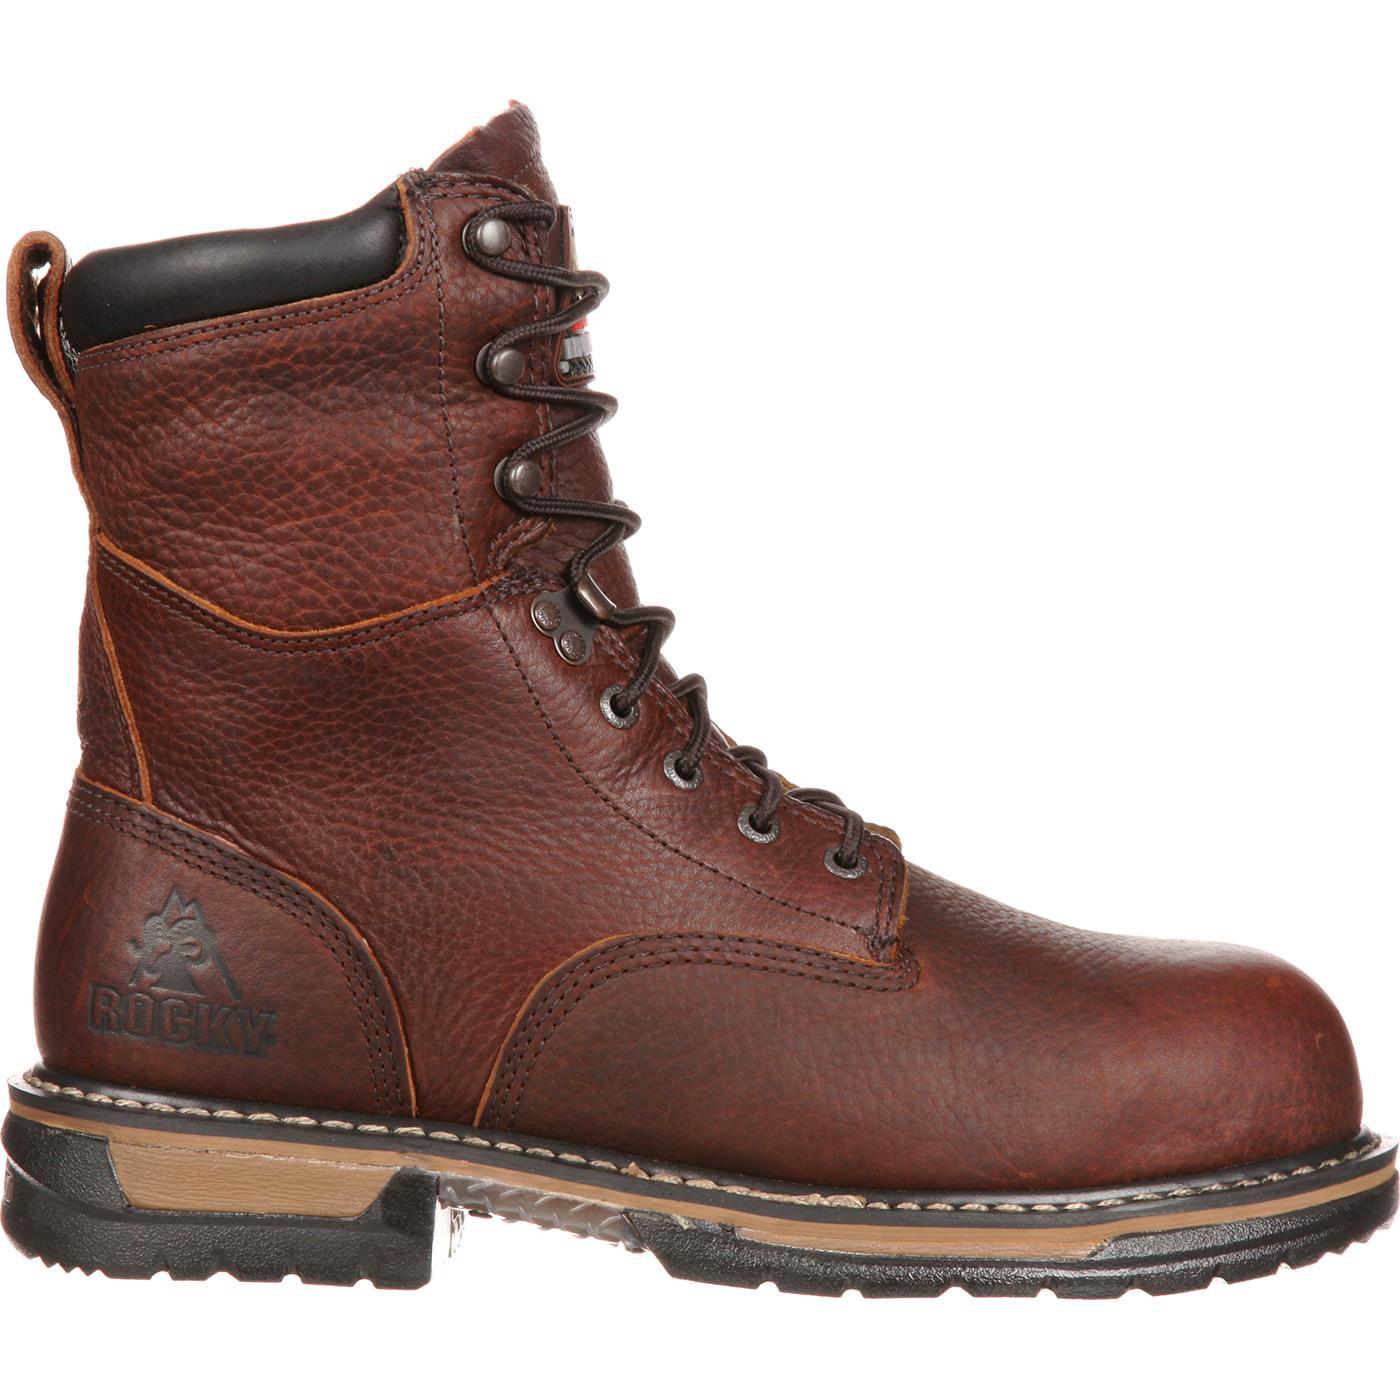 eb08db10f534 Rocky IronClad Men s Steel Toe Waterproof Work Boot